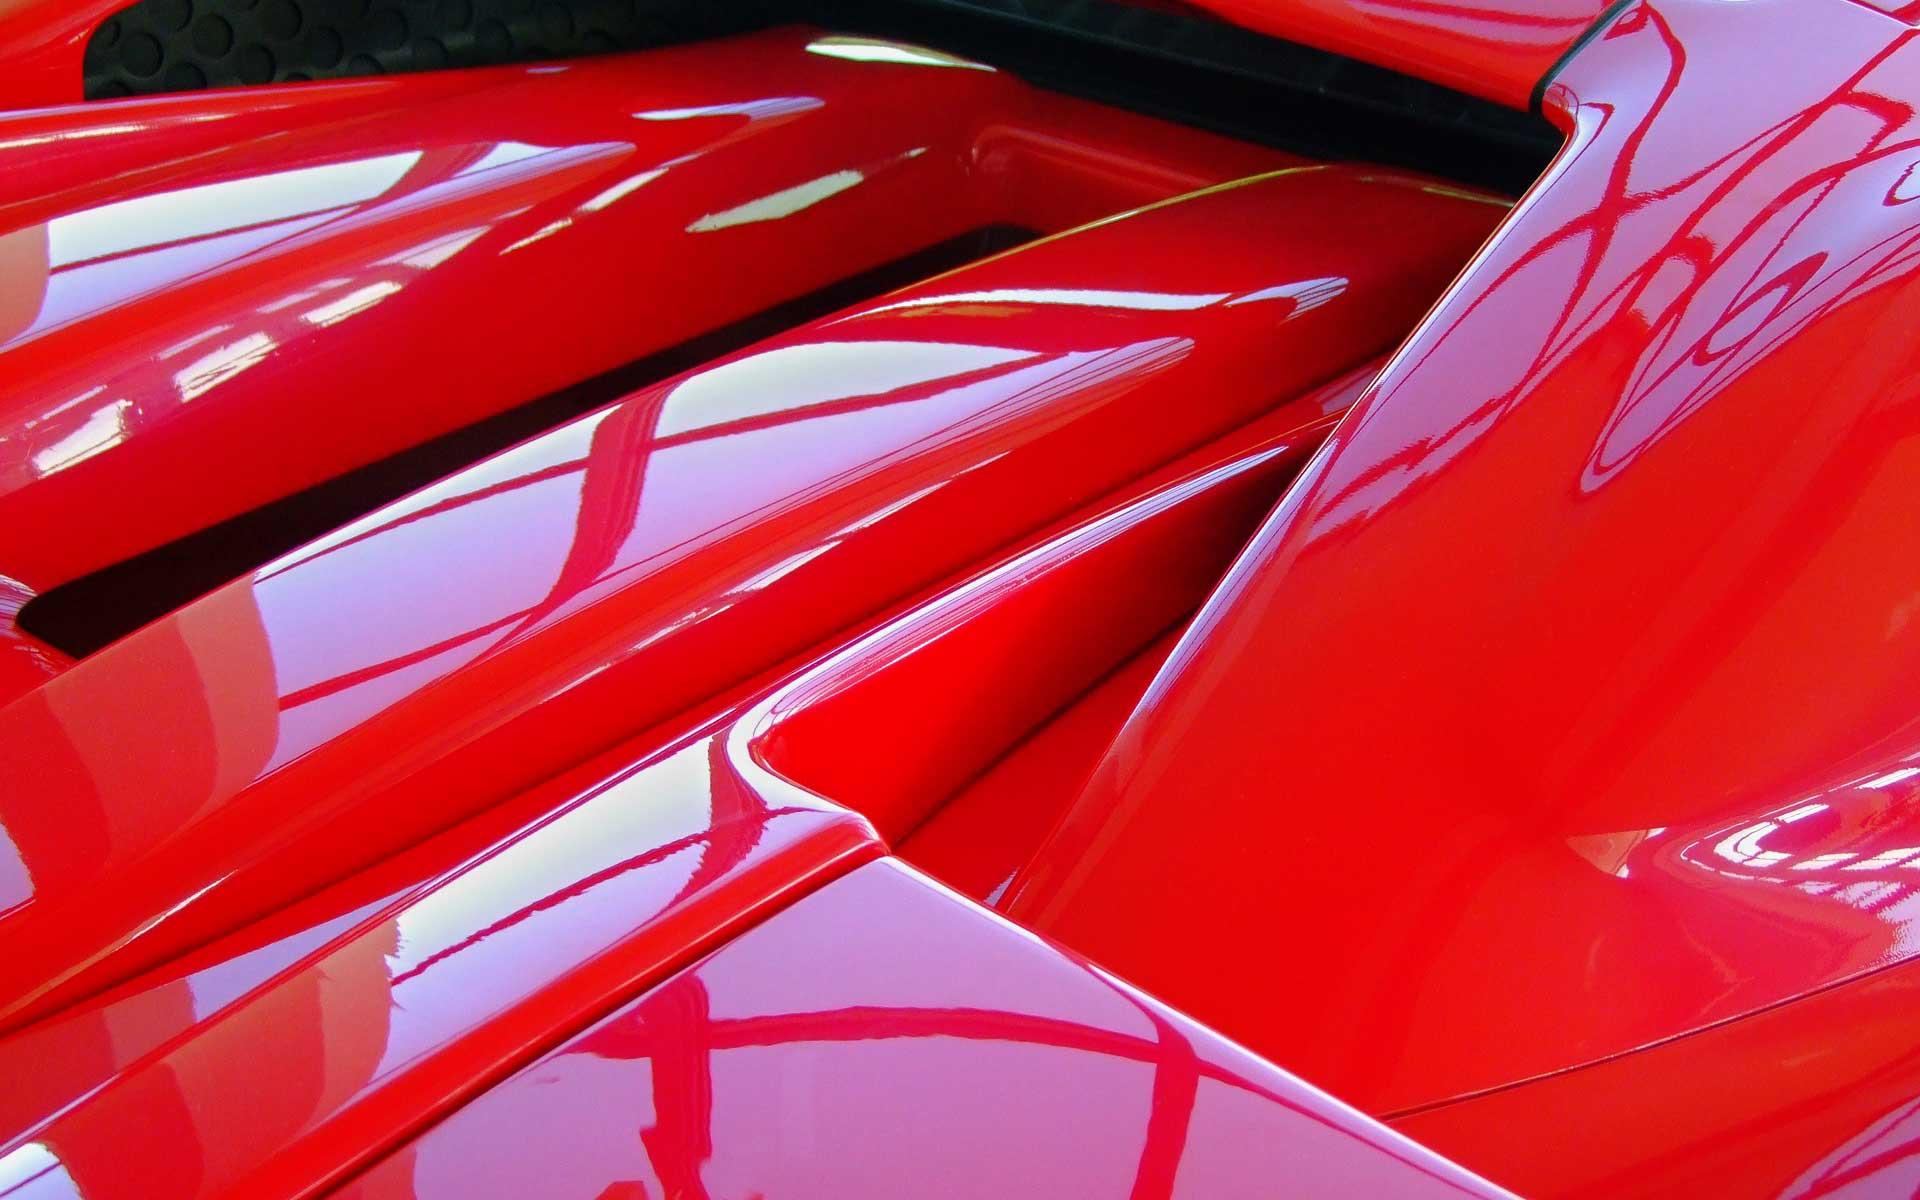 ferrari arriere detail achat voiture suisse